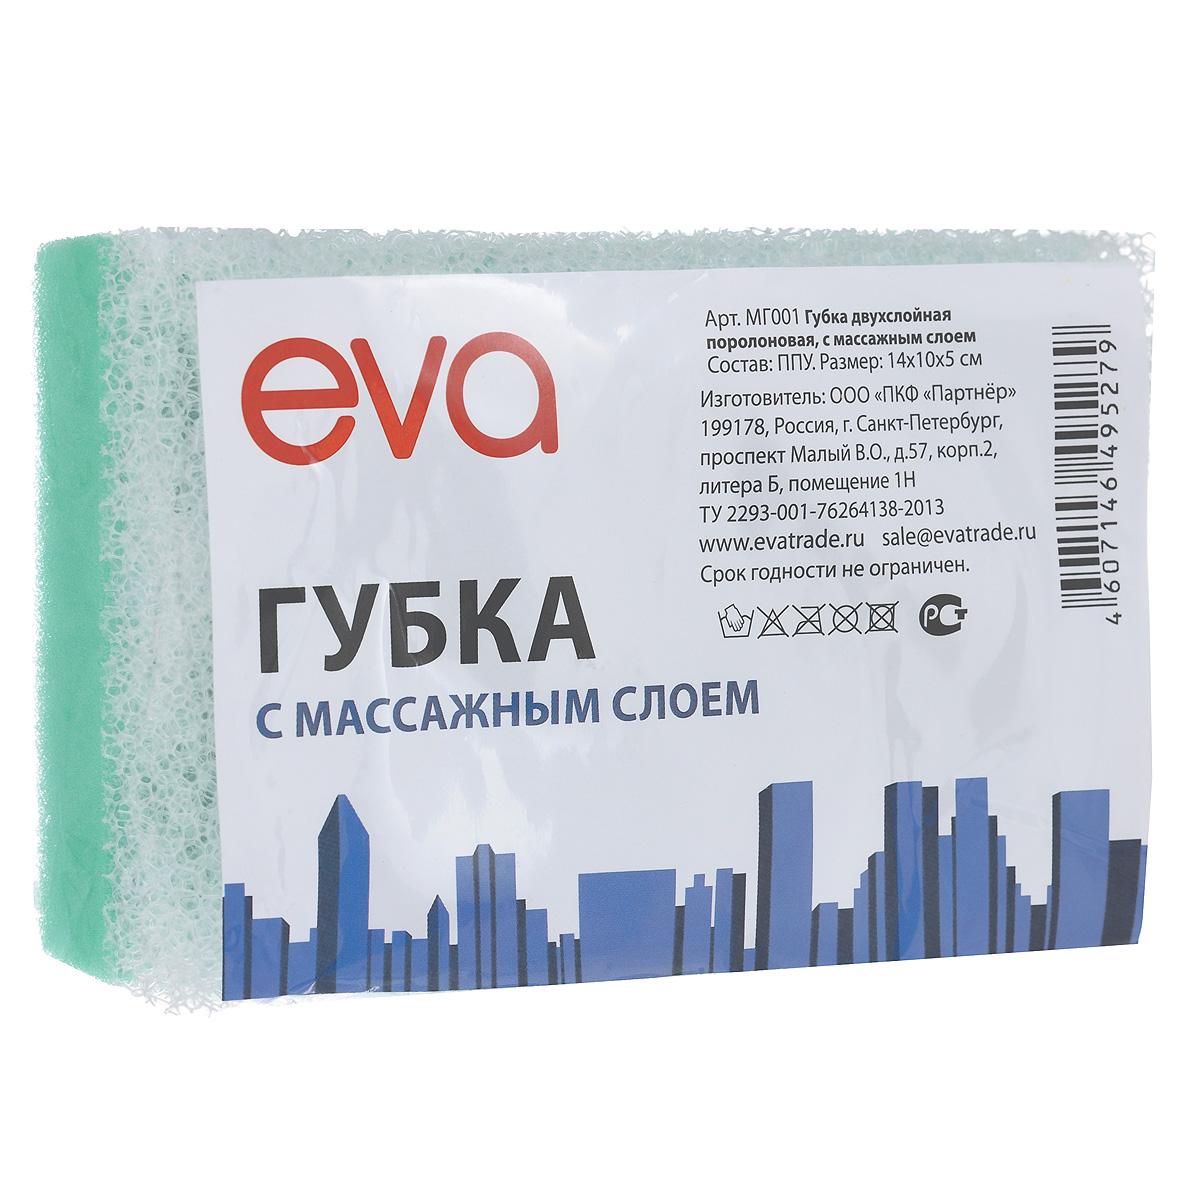 Губка для тела Eva, с массажным слоем, цвет: зеленыйМГ001_зеленыйГубка для тела Eva изготовлена из пенополиуретана и оснащена массажным слоем. Губку можно использовать в ванной, в бане или в сауне. Она улучшает циркуляцию крови и обмен веществ, делает кожу здоровой и красивой. Подходит для ежедневного применения.